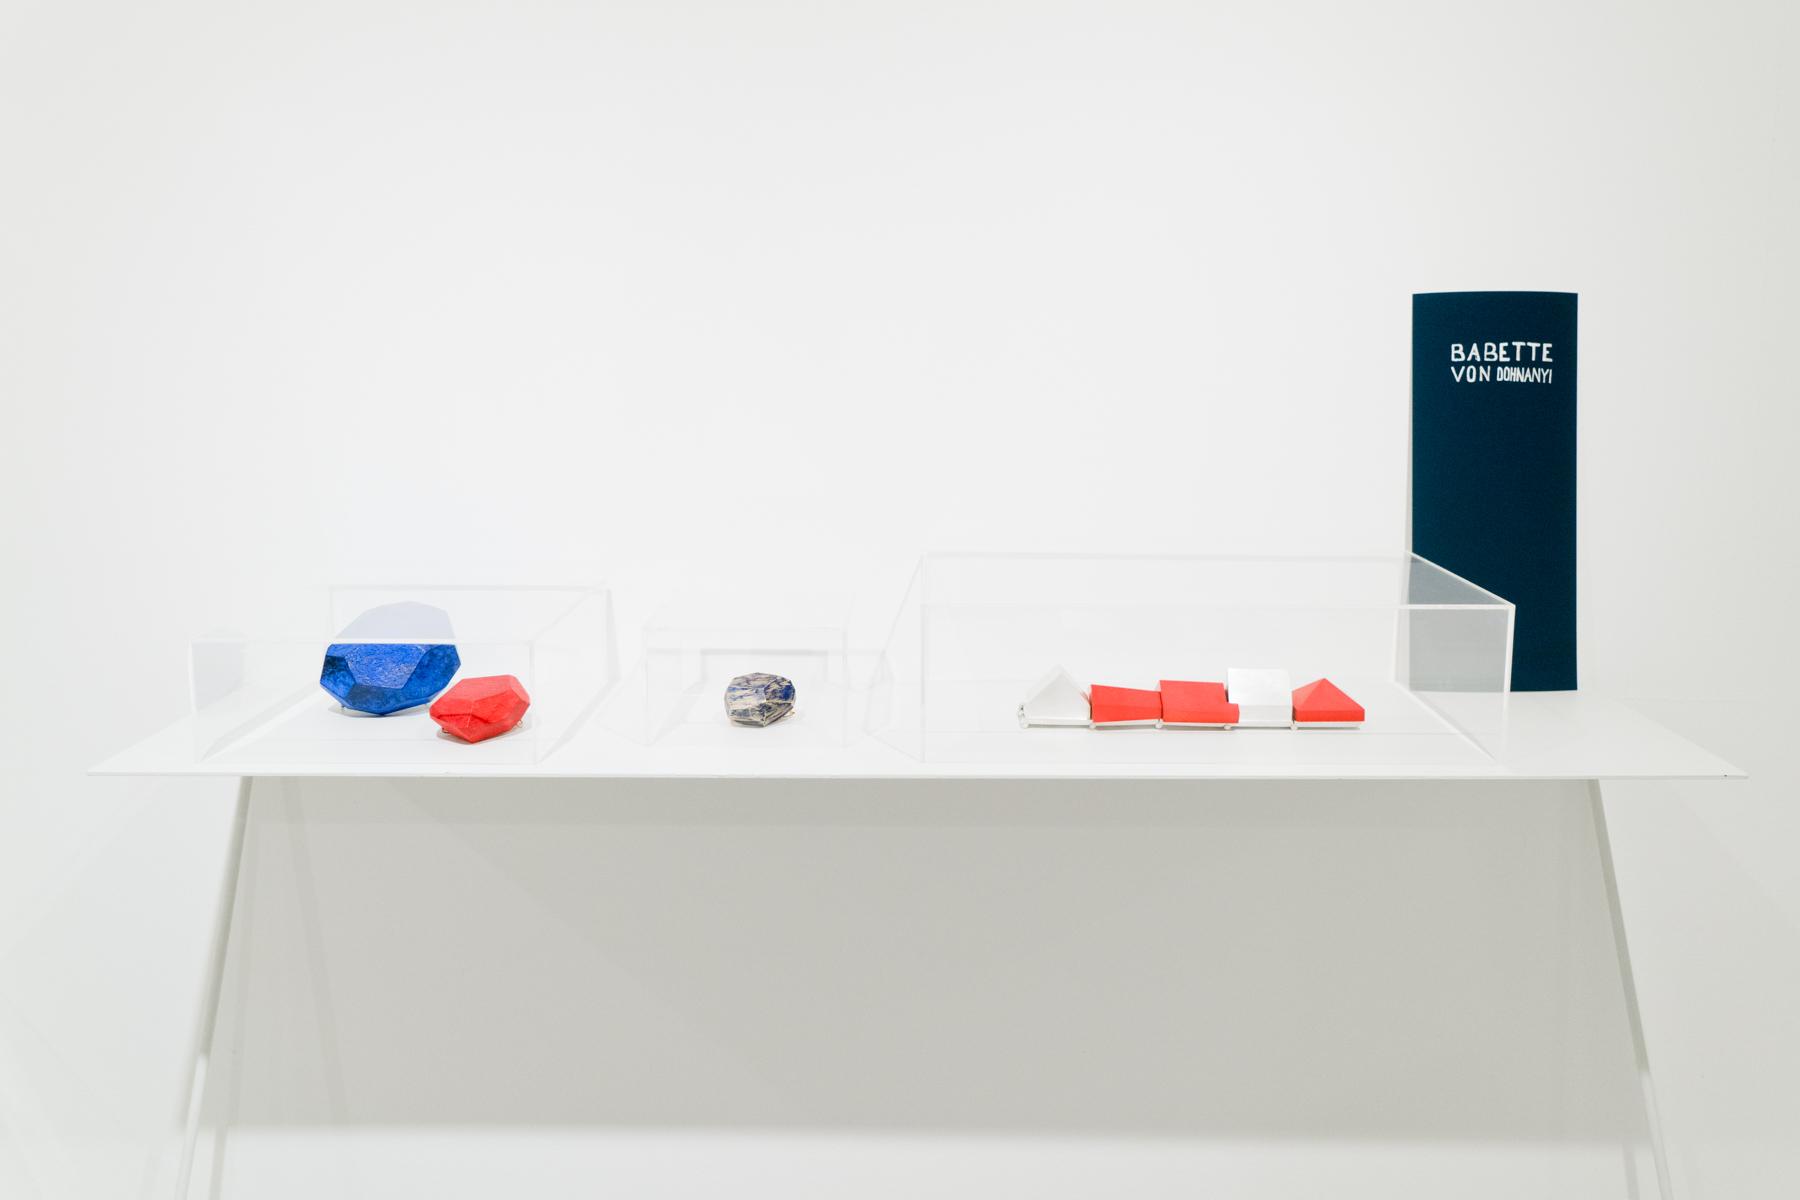 exhibition view, photo: Riccardo Banfi